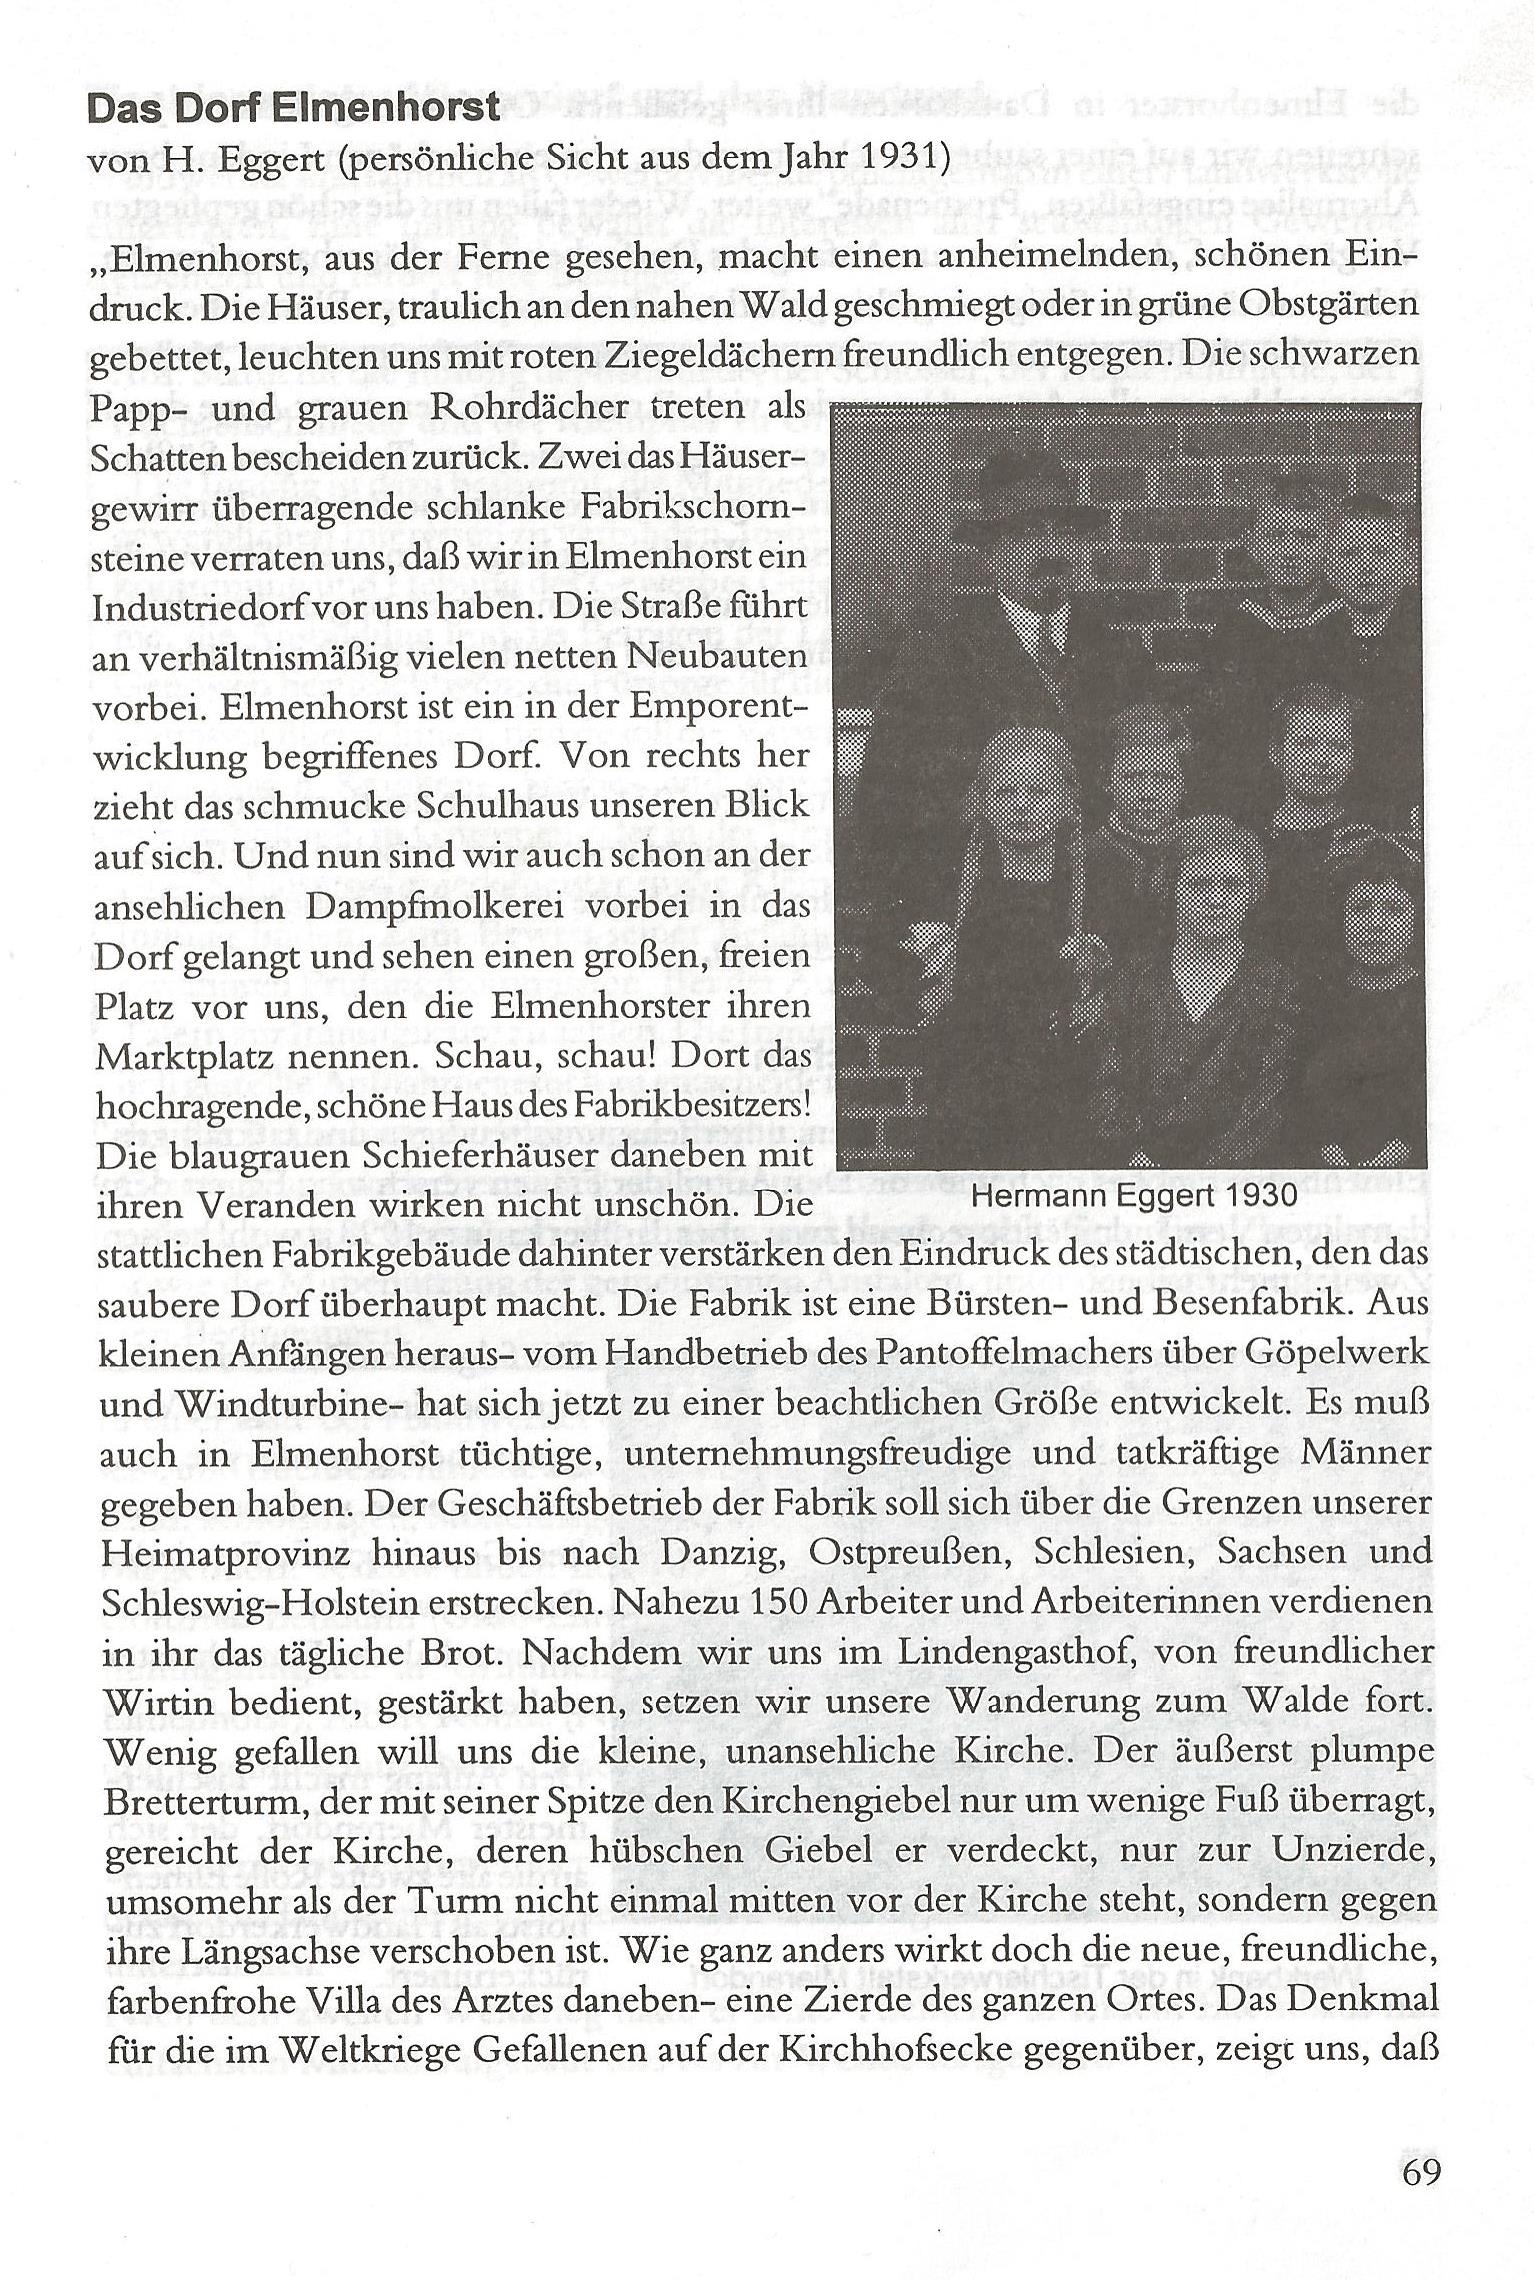 Das Dorf Elmenhorst (von H.Eggert) (Seiten 069 - 070)